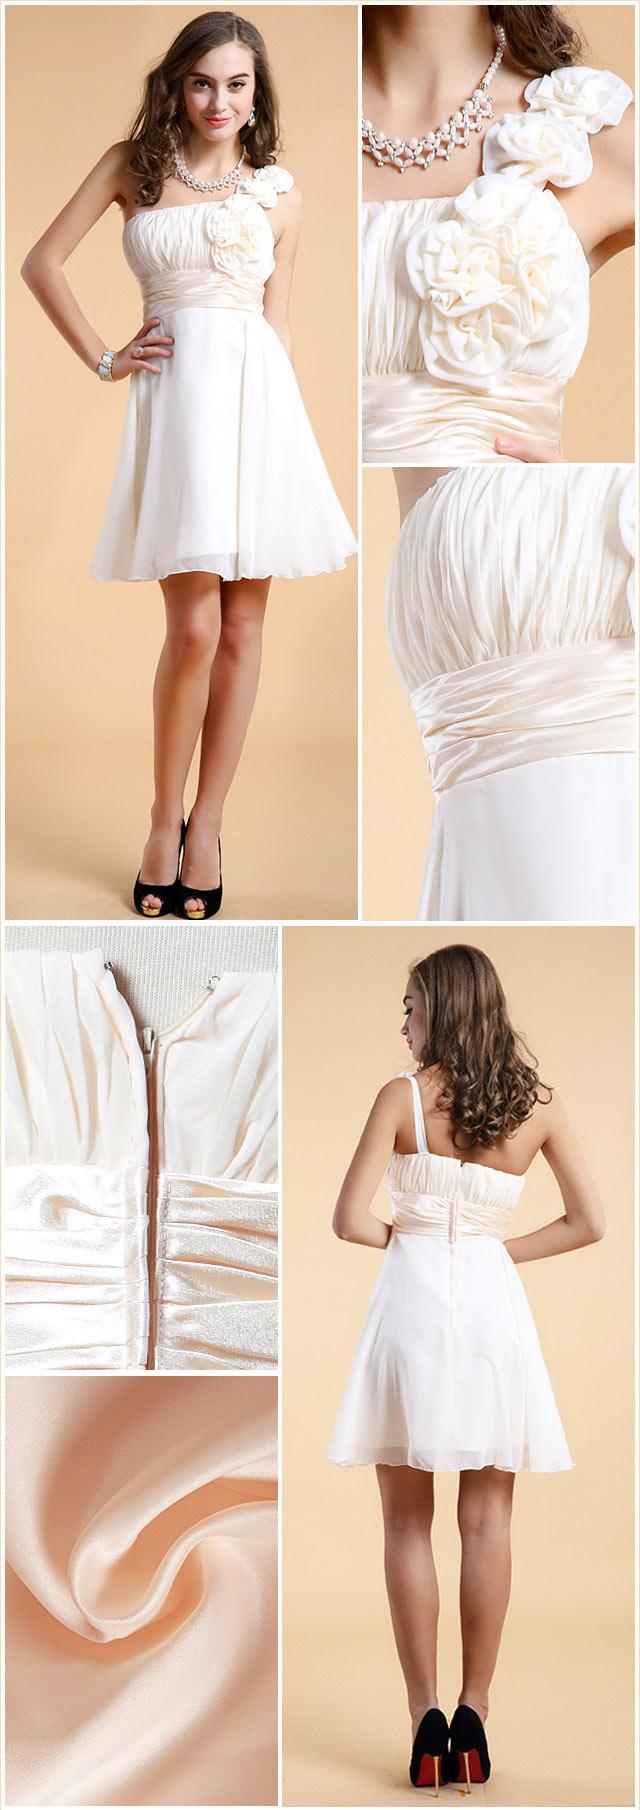 robe de danse courte asymétrique ruchée